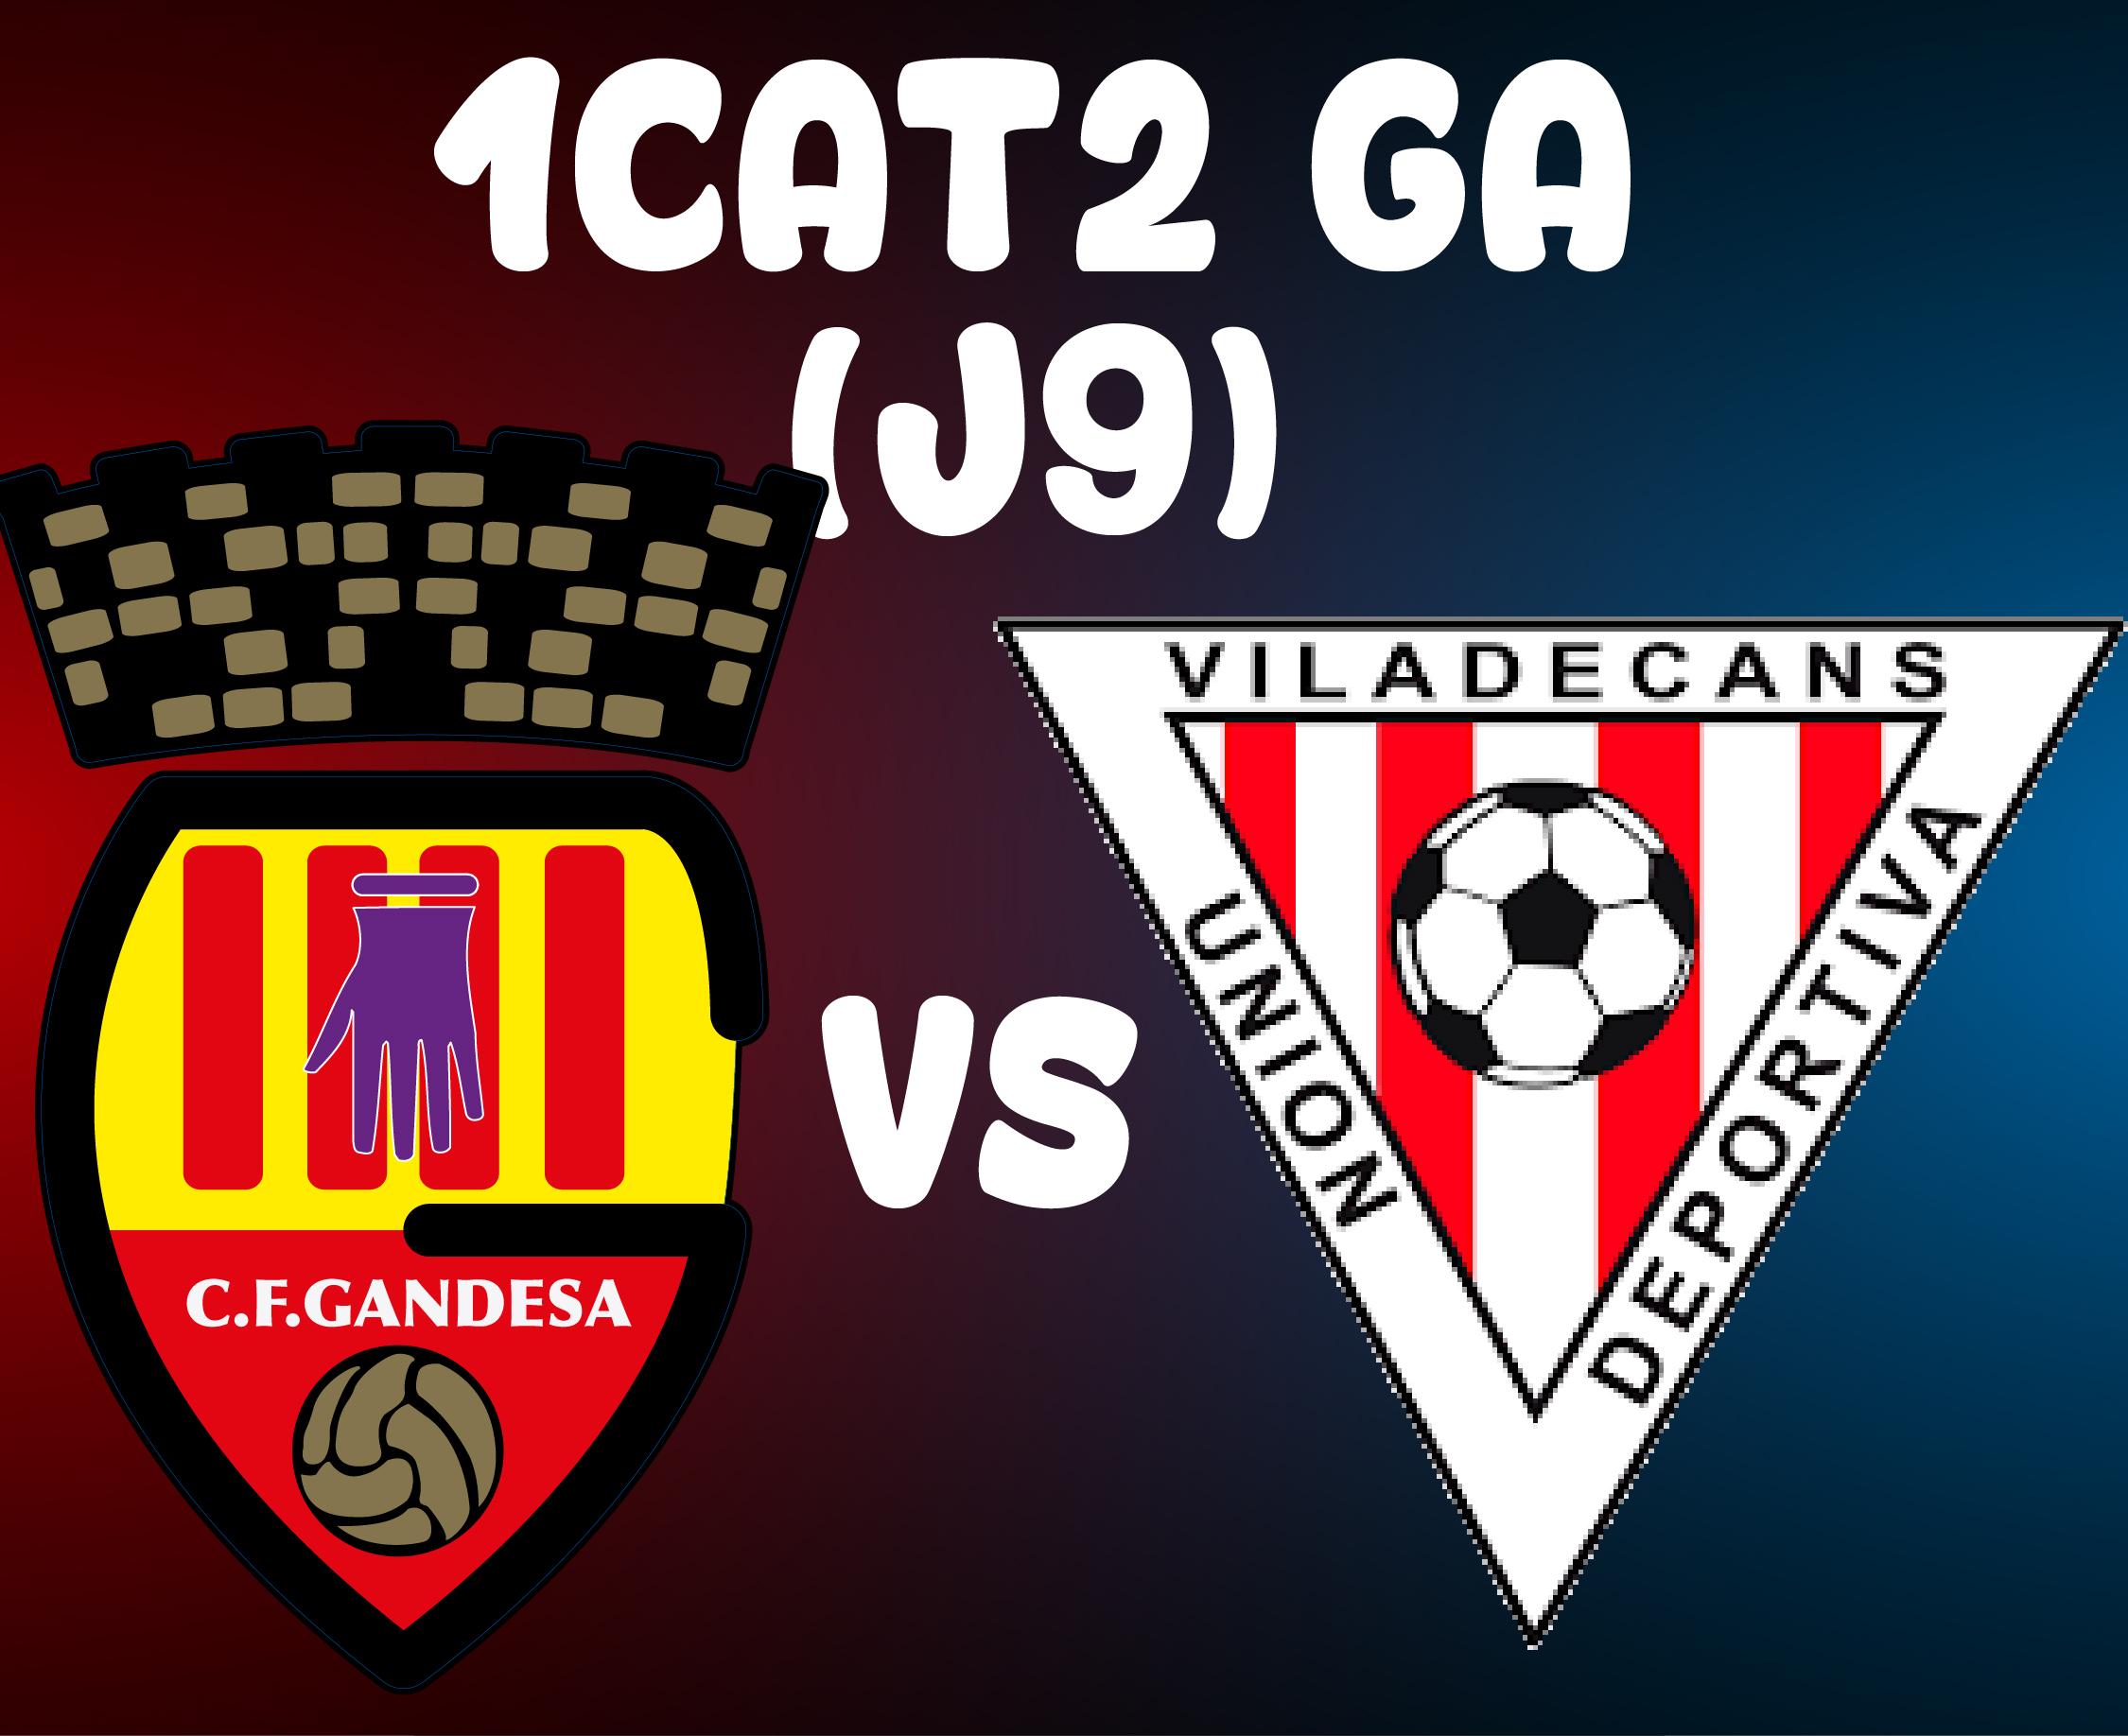 J9 > CF GANDESA (A) VS UD VILADECANS